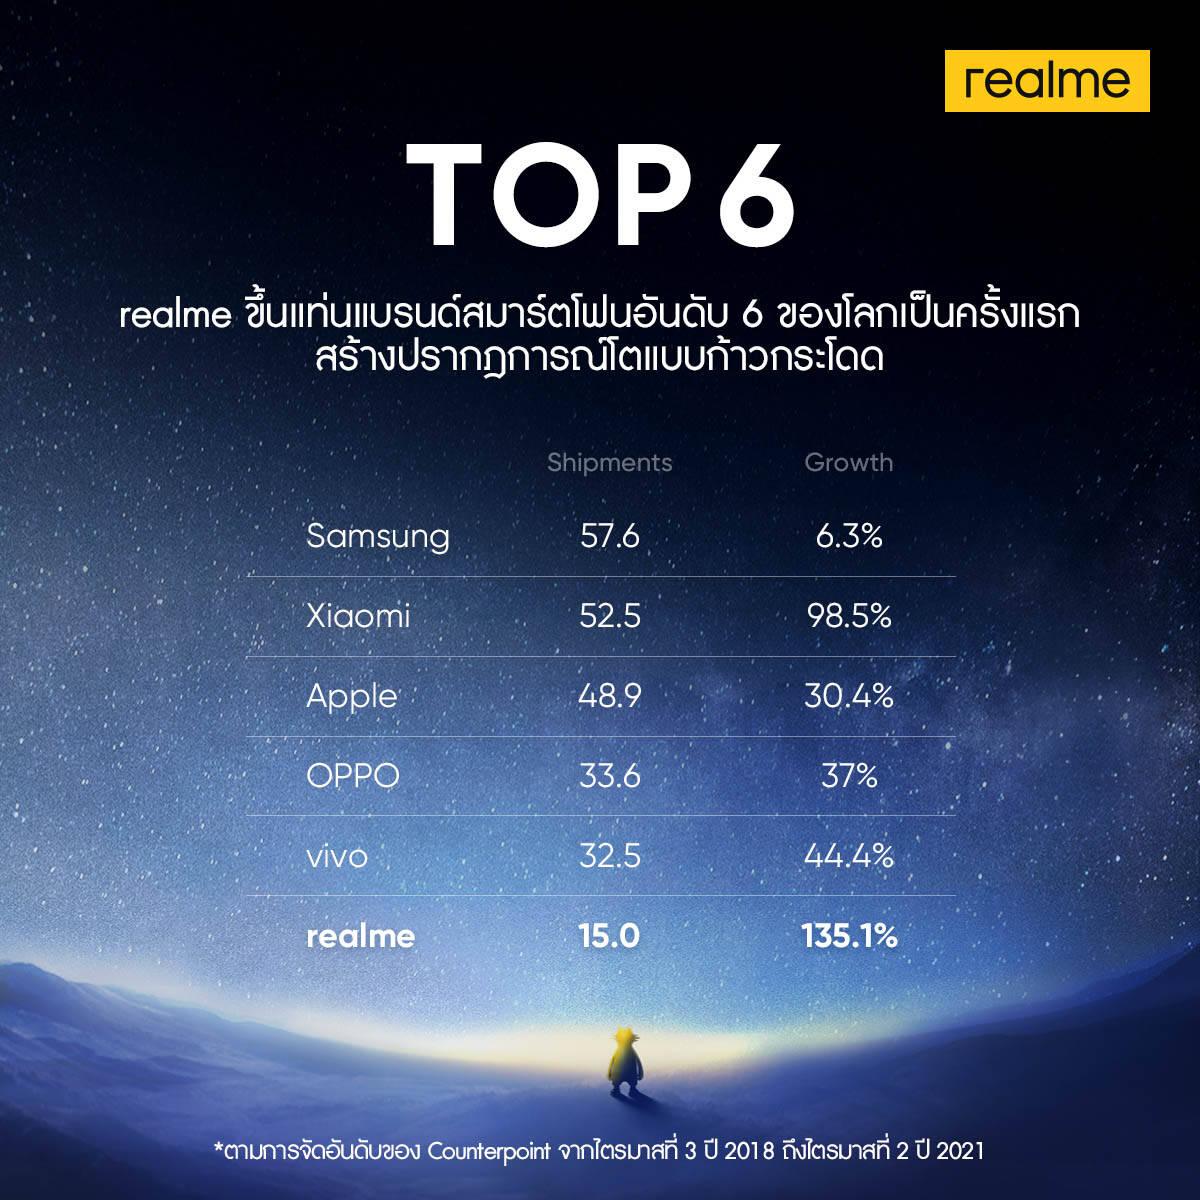 realme มาแรงขึ้นแท่นสมาร์ทโฟนอันดับ 6 ของโลกเป็นครั้งแรก